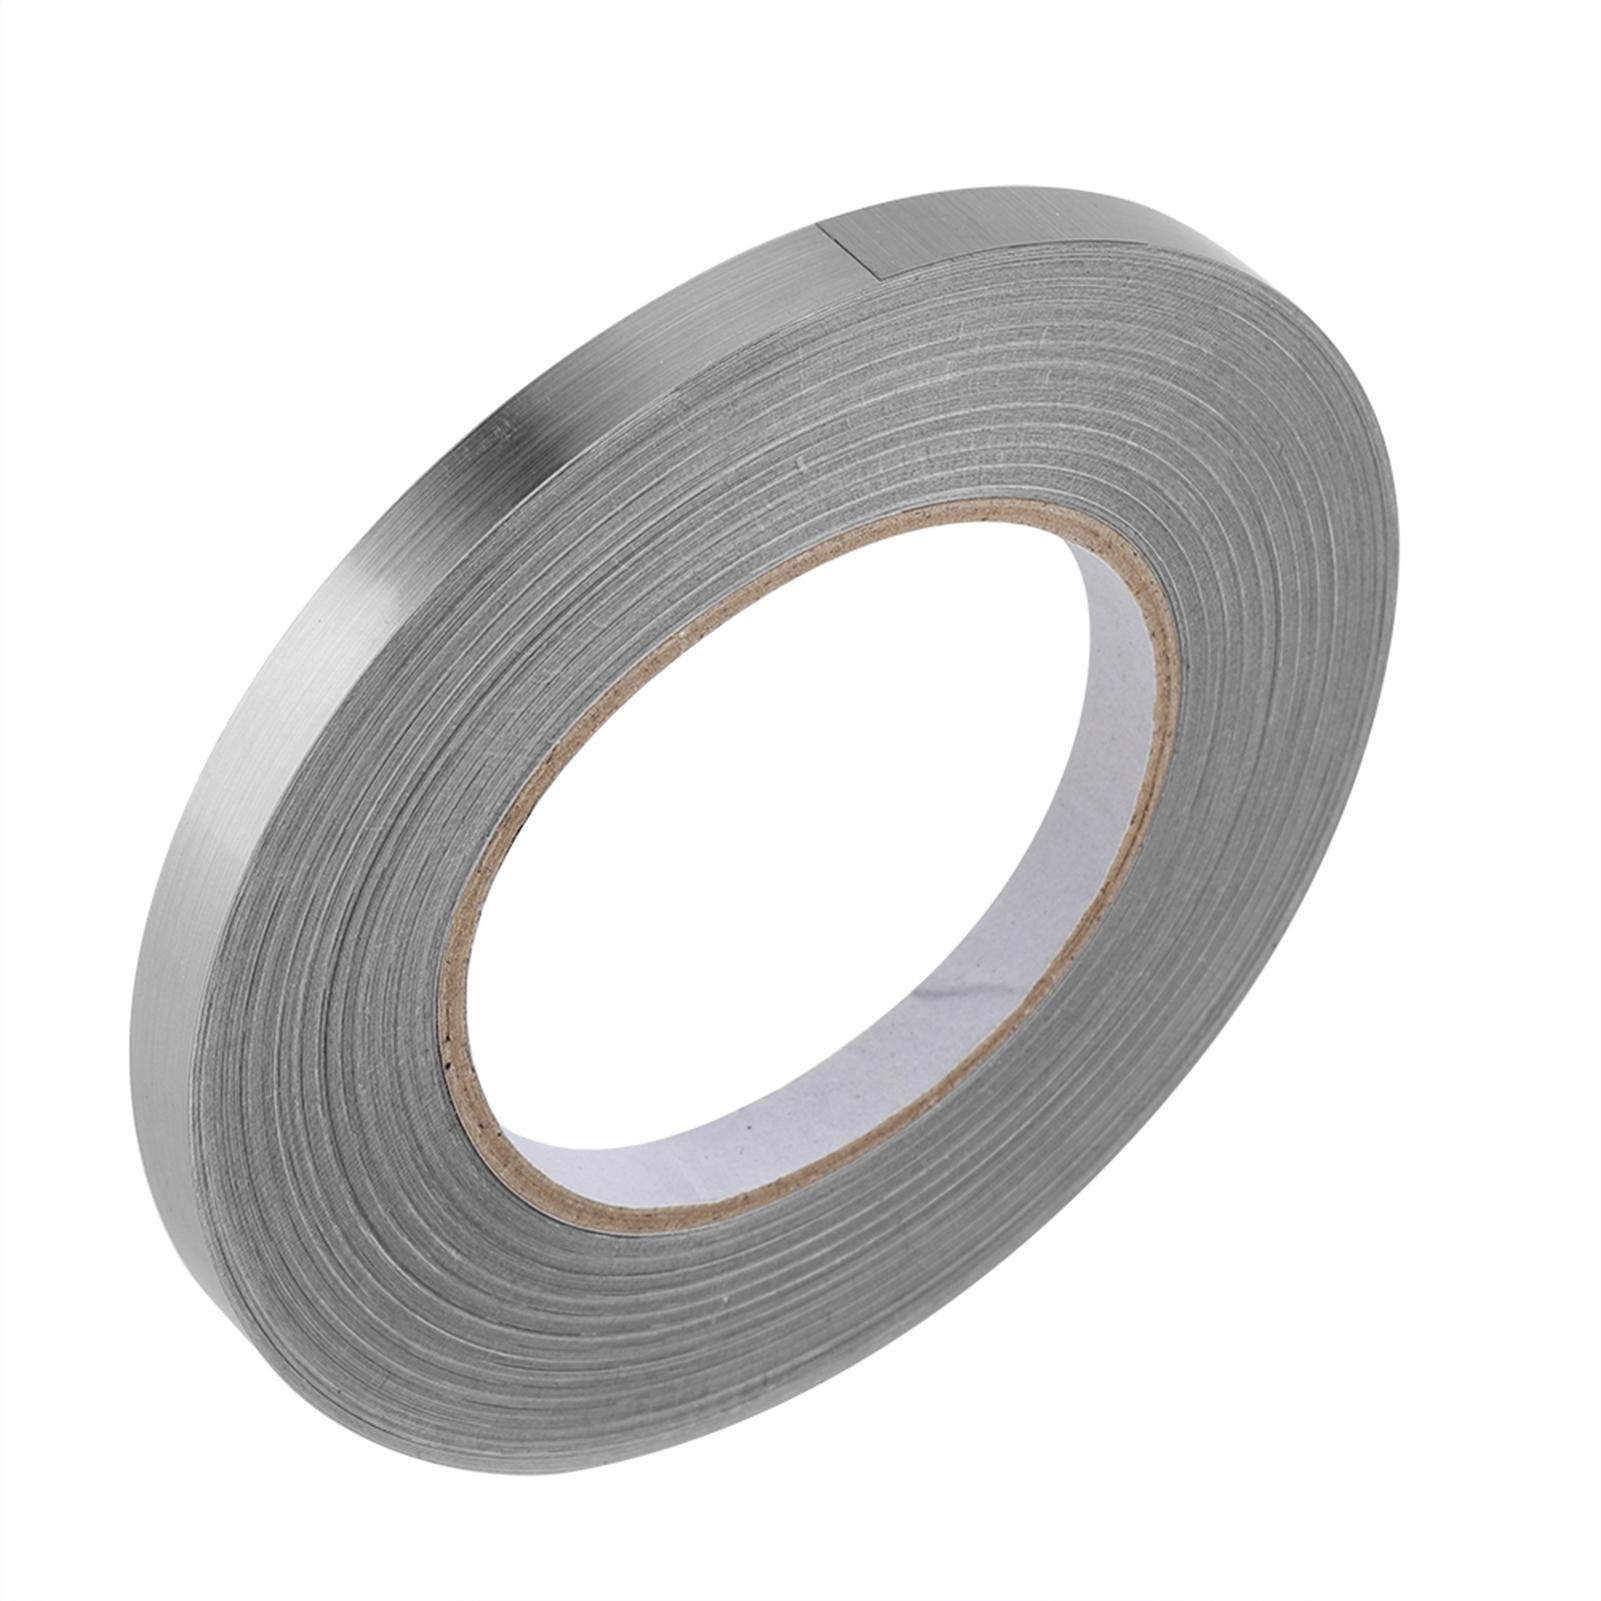 Feuille-Chambre-Plancher-Embout-suceur-ligne-Autocollant-PVC-auto-adhesive-sol-coin-CARRELAGE-DECOR miniature 20